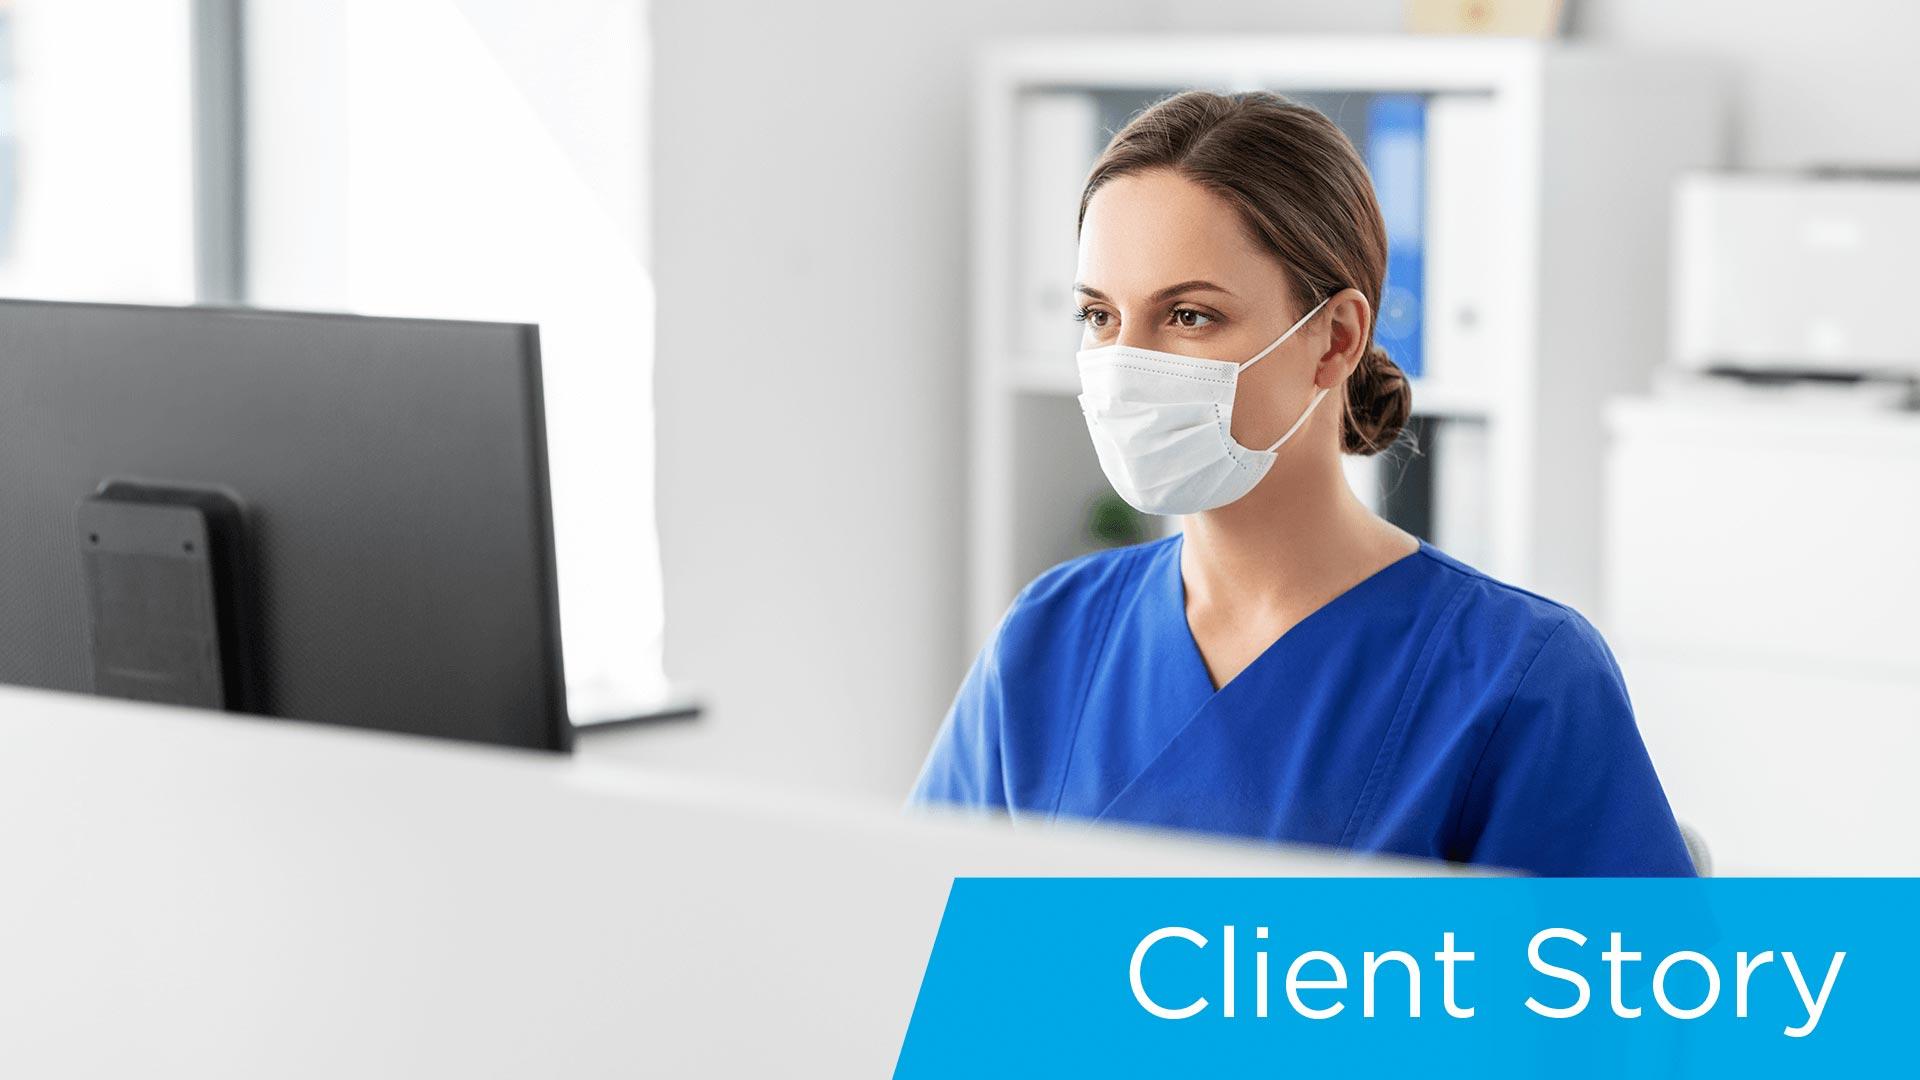 Client Story - Nurse at desk